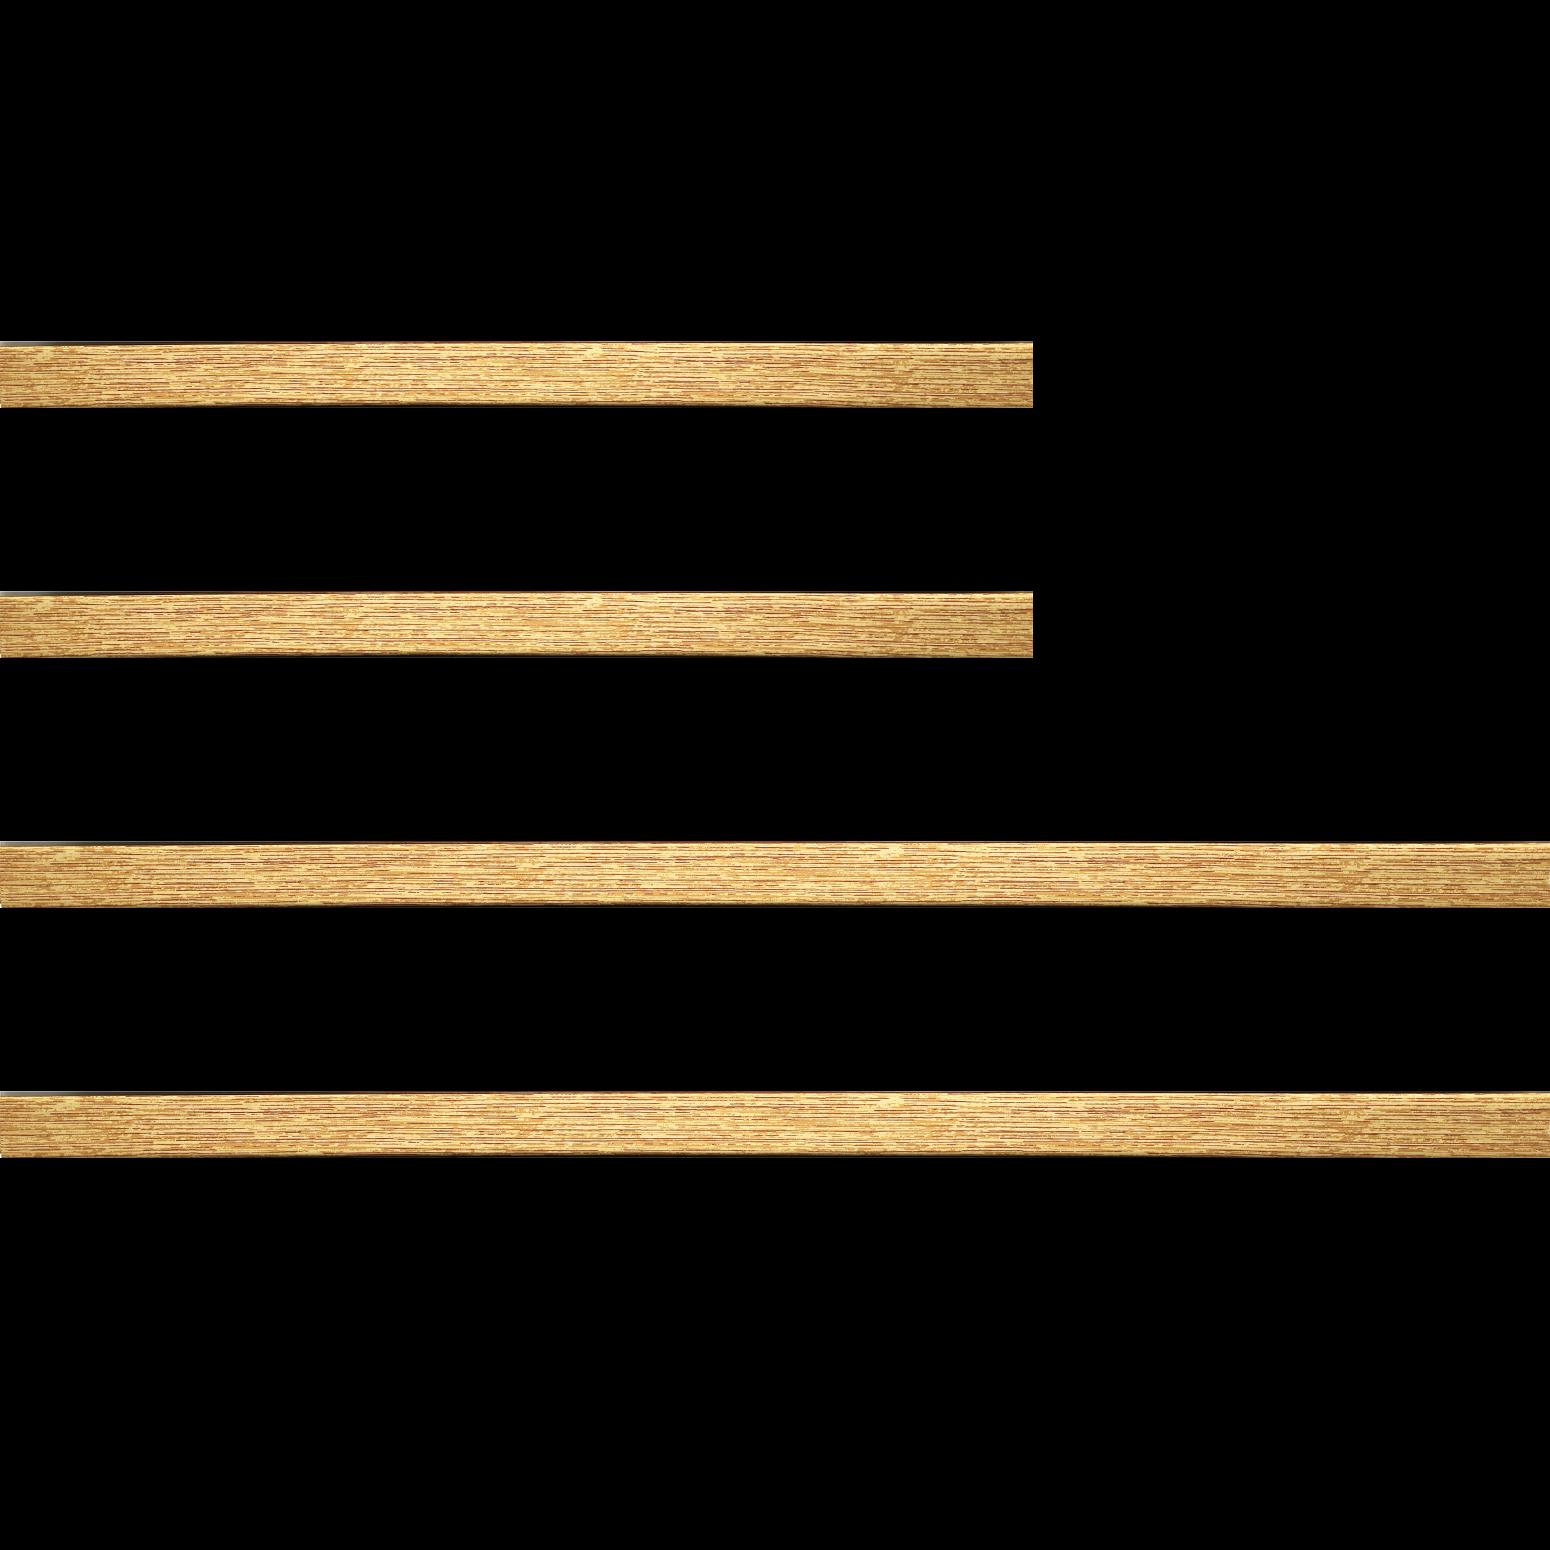 Baguette bois profil plat largeur 2cm hauteur 3.2cm couleur or